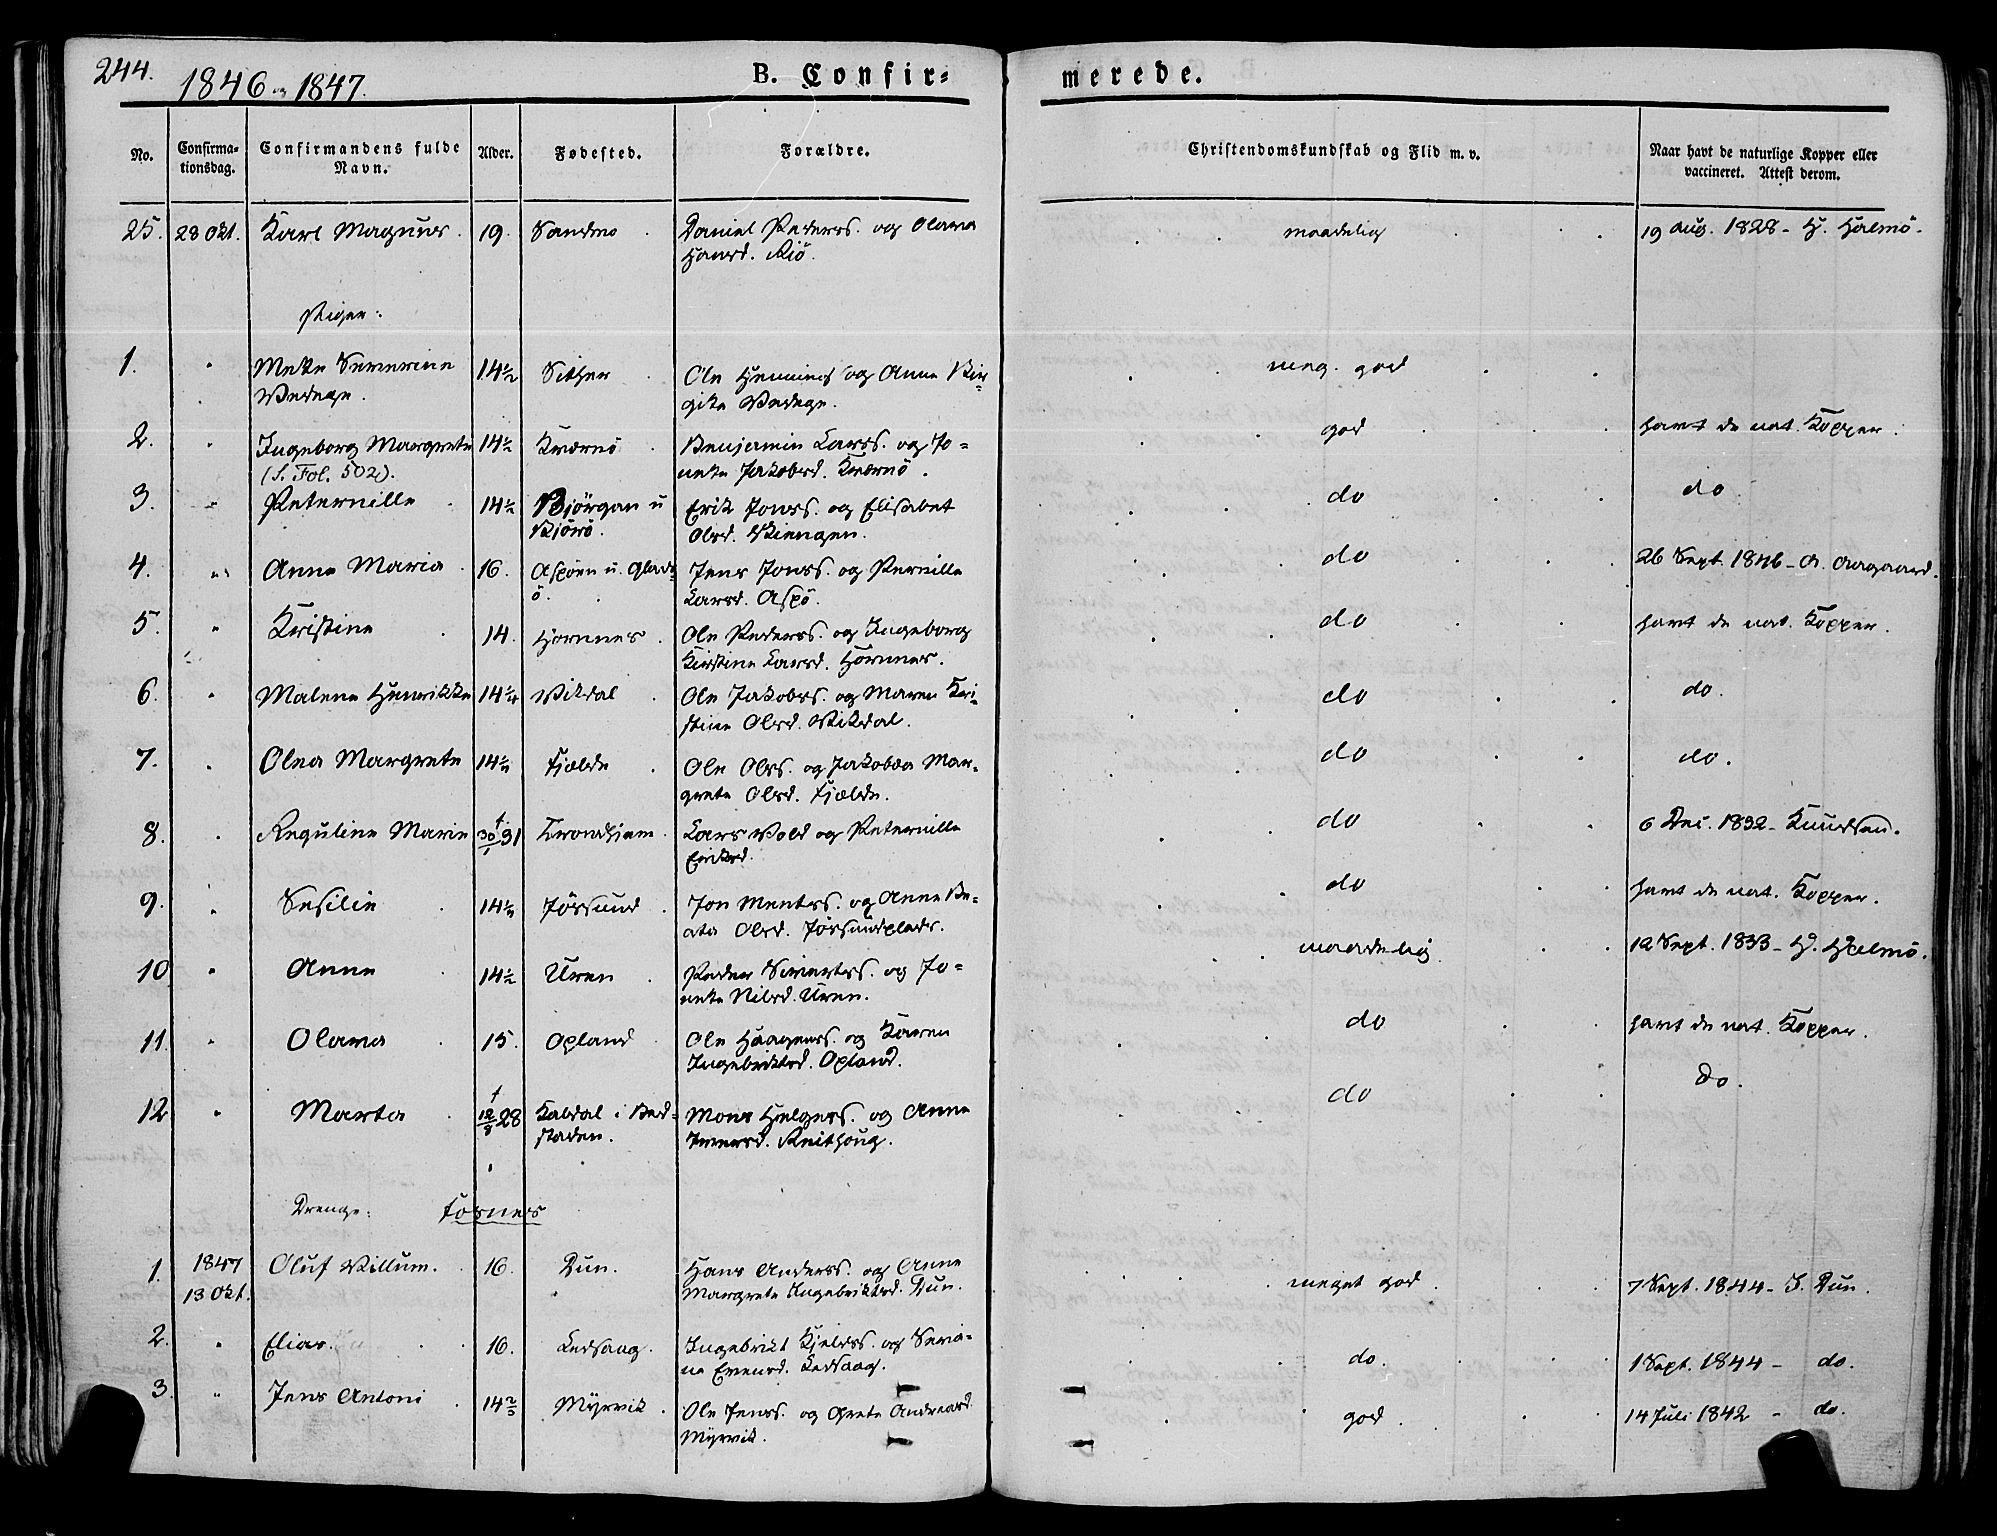 SAT, Ministerialprotokoller, klokkerbøker og fødselsregistre - Nord-Trøndelag, 773/L0614: Ministerialbok nr. 773A05, 1831-1856, s. 244